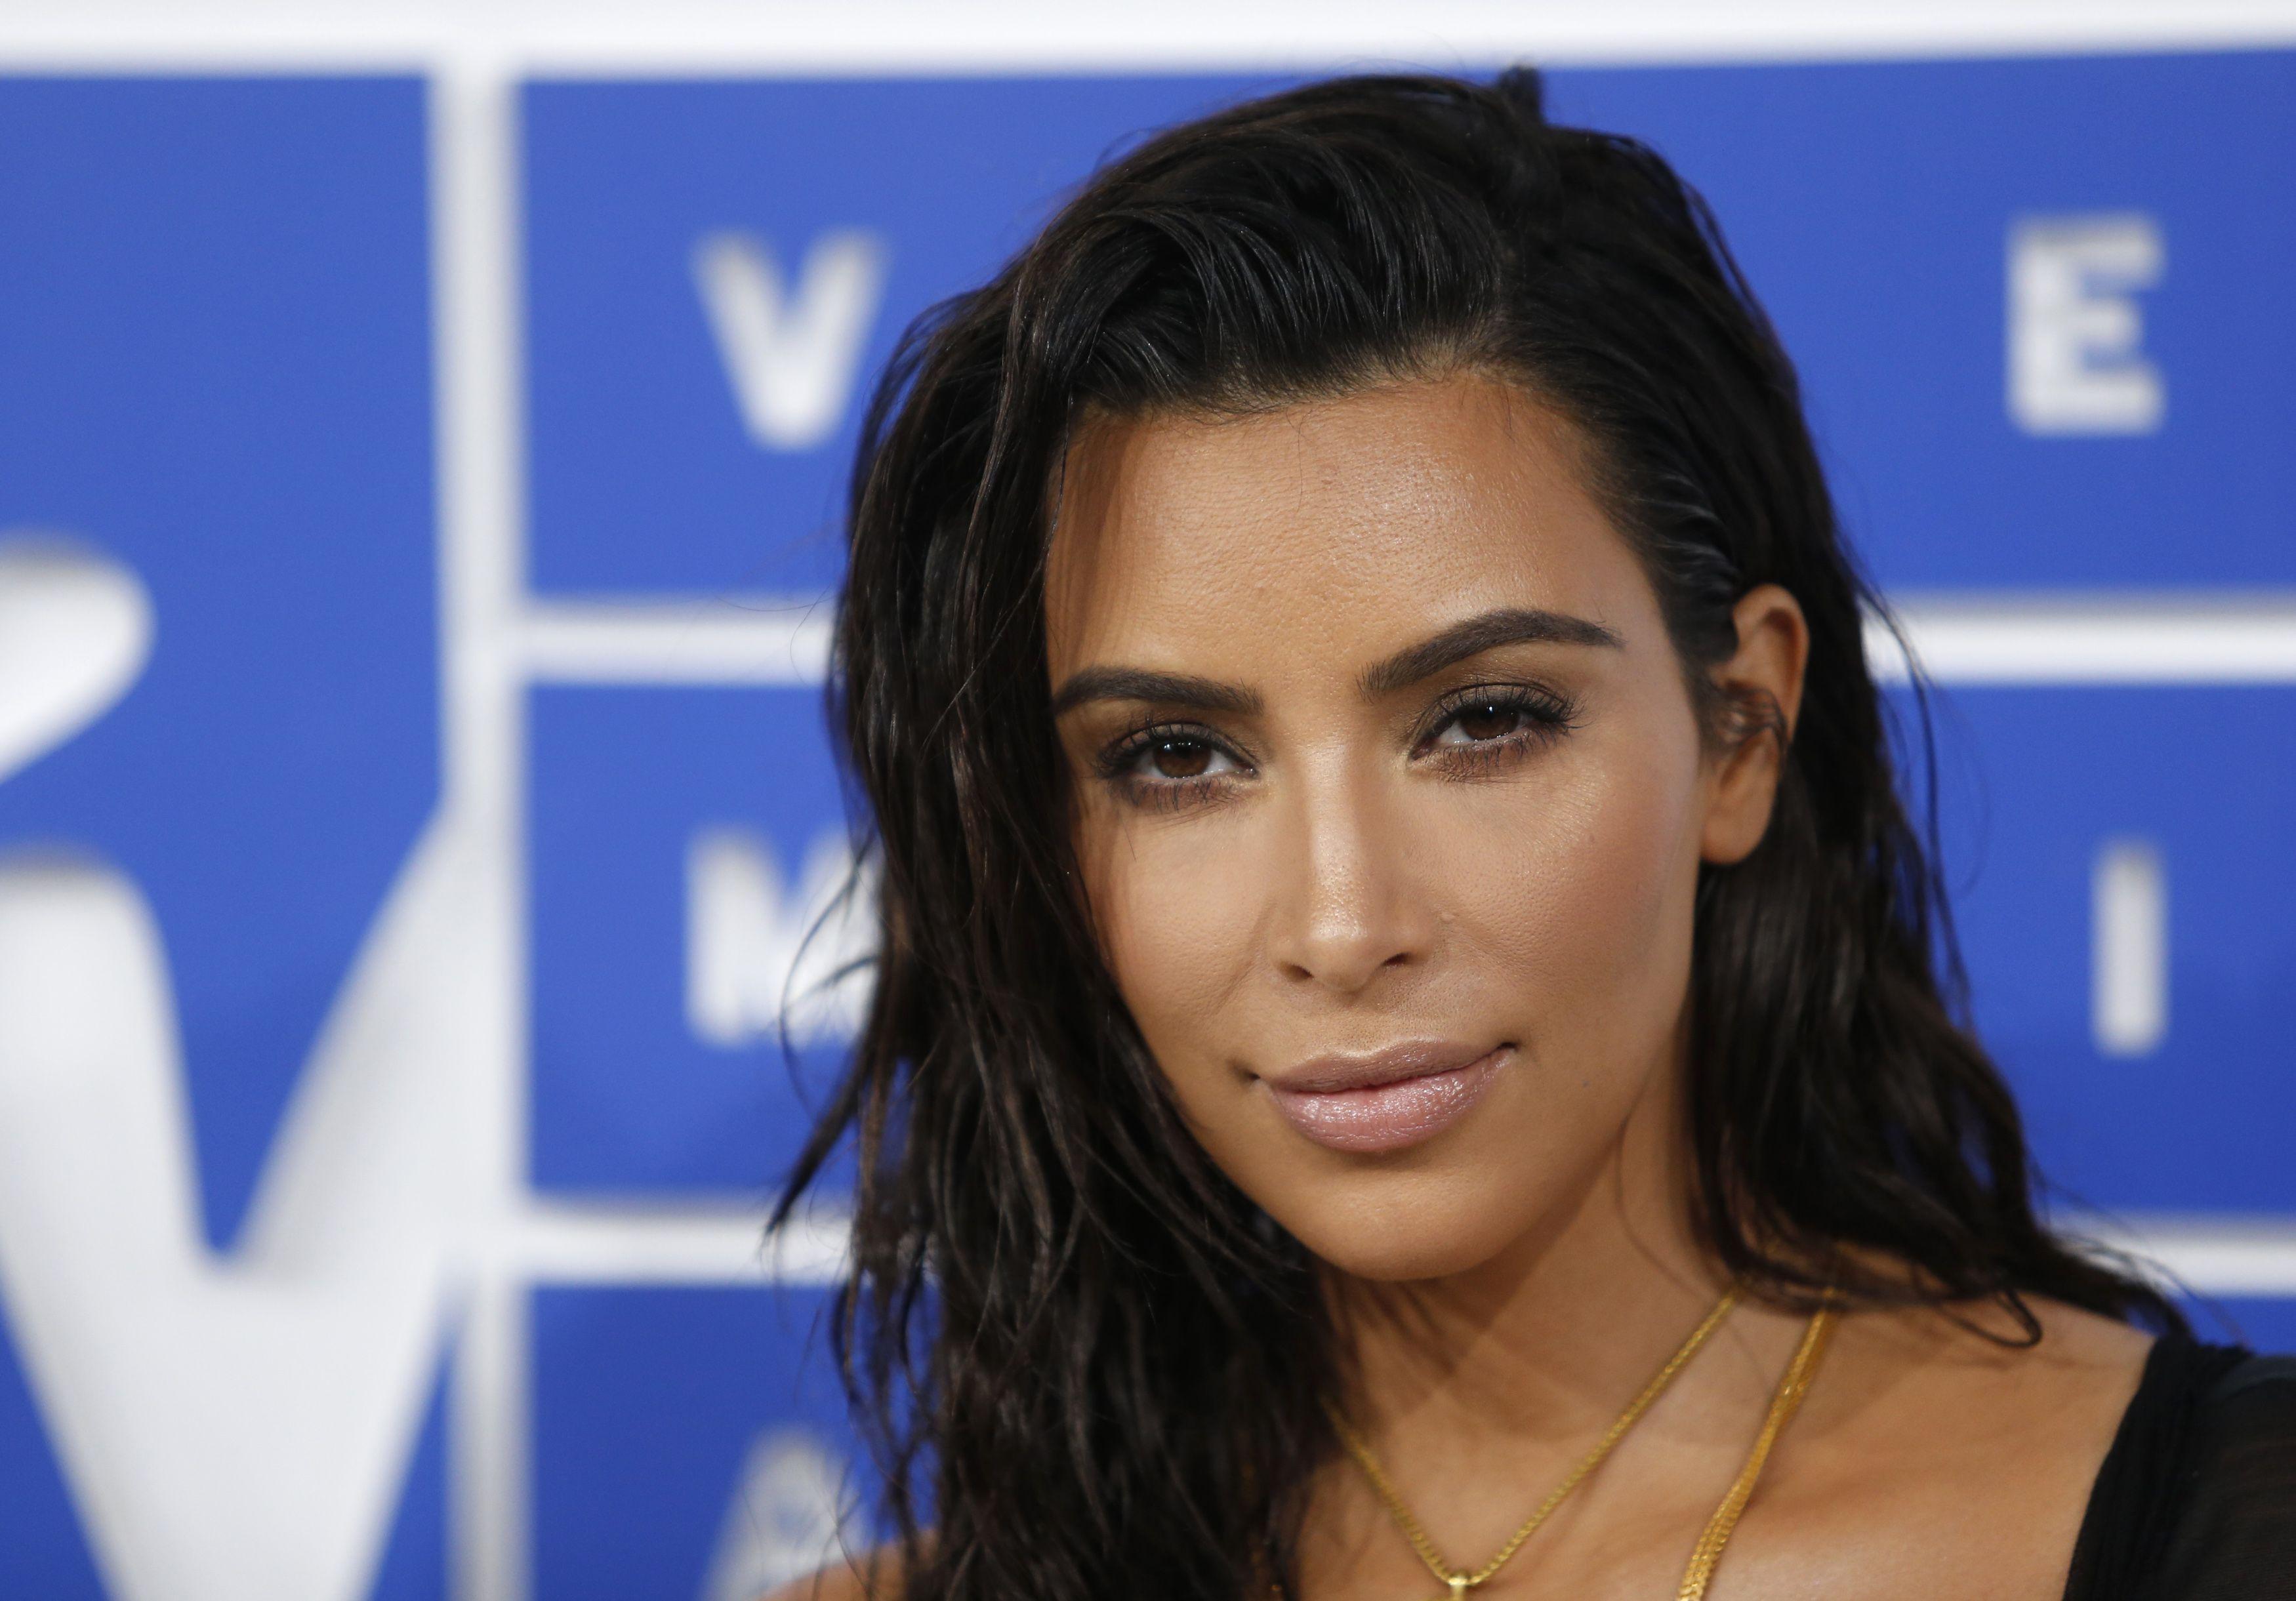 Paris : un passant a retrouvé l'un des bijoux de Kim Kardashian